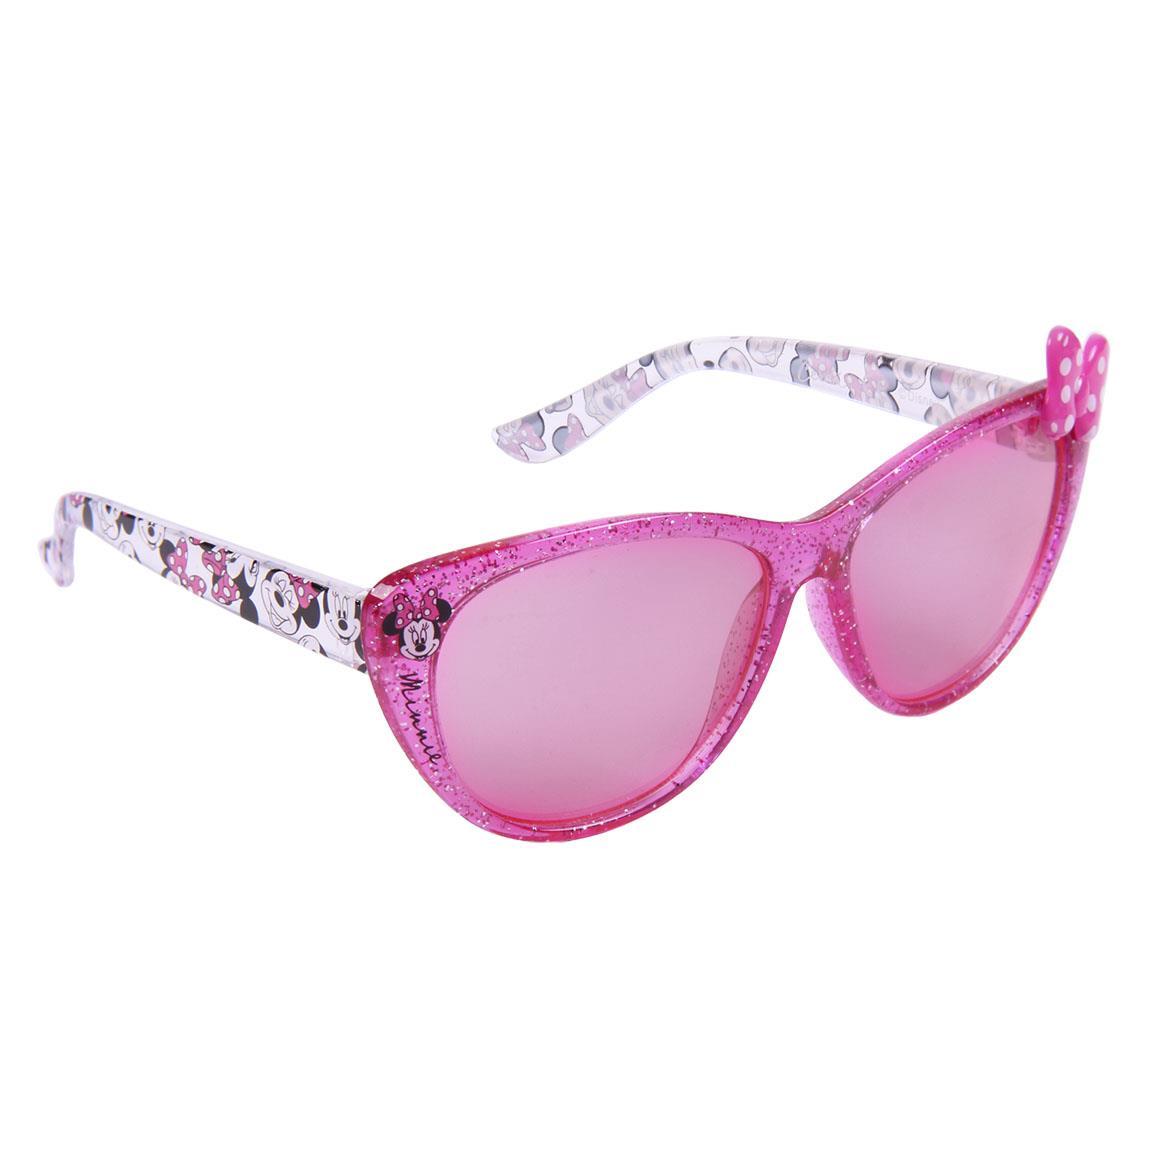 Ochelari soare copii Minnie Pink Bow